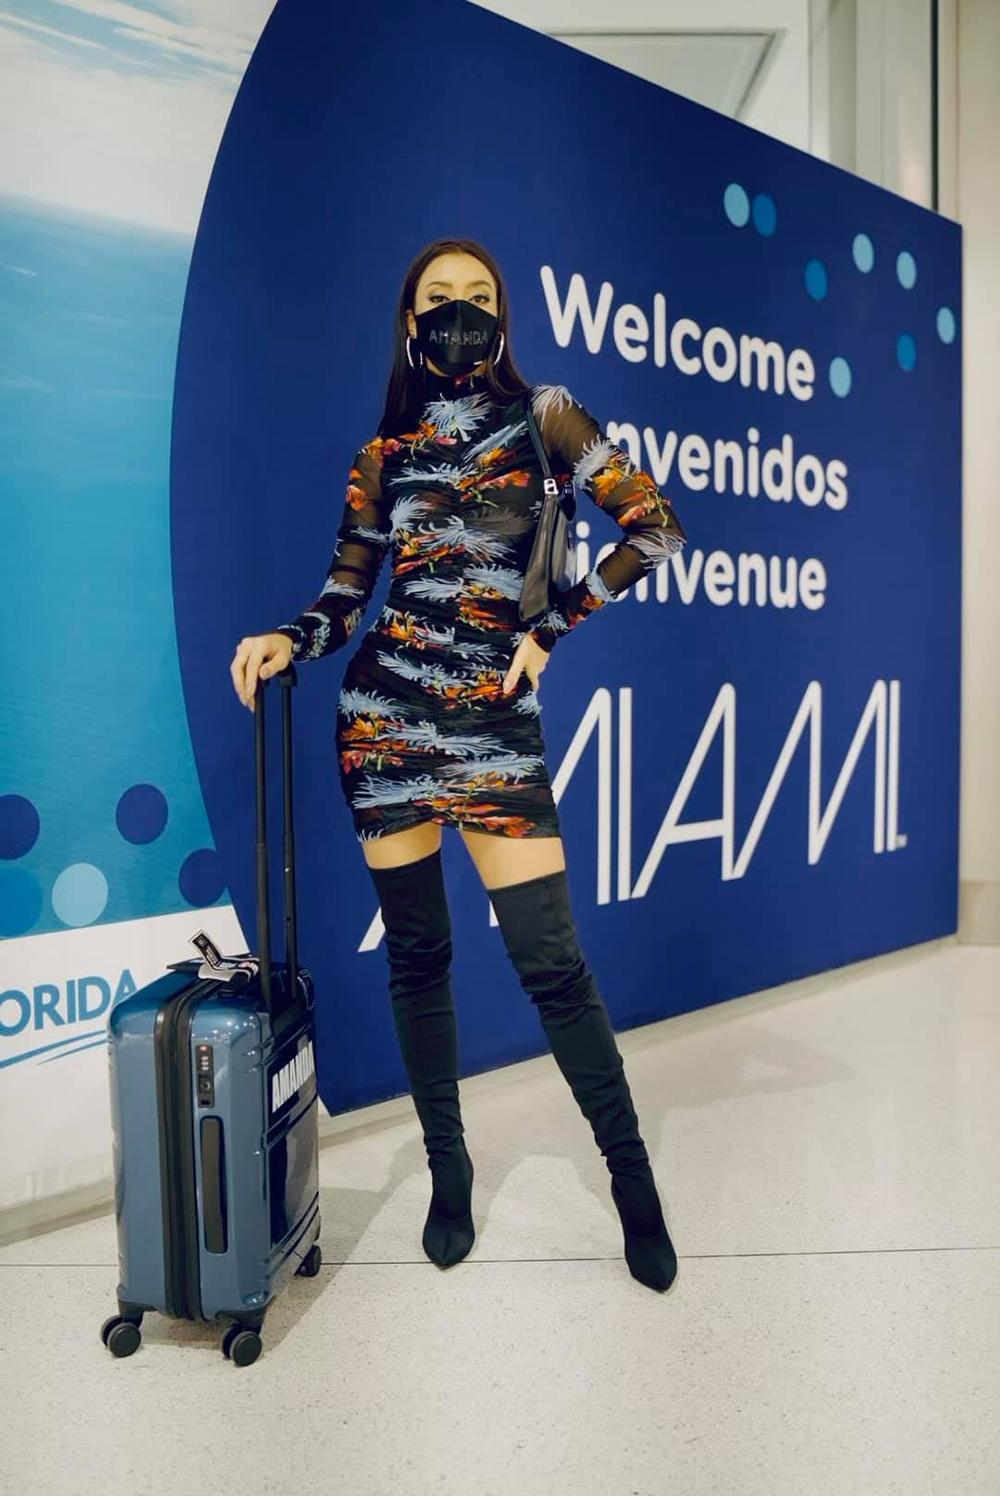 Hoa hậu Thái - Amanda Obdam đến Mỹ từ cuối tháng 4. Cô 28 tuổi, đăng quang Miss Universe Thailand 2020 và giành suất thi quốc tế. Cô cao 1,7 m, nặng 50 kg, hiện làm người mẫu. Đại diện Việt Nam - Hoa hậu Khánh Vân - sẽ lên đường hôm 2/5. Miss Universe 2020 kéo dài khoảng 12 ngày, chung kết diễn ra tối 16/5 tại một khách sạn ở Hollywood, Florida. Ban tổ chức không yêu cầu thí sinh cách ly 14 ngày. Thay vào đó, các người đẹp phải trải qua nhiều vòng xét nghiệm trước khi tham gia các phần thi phụ.